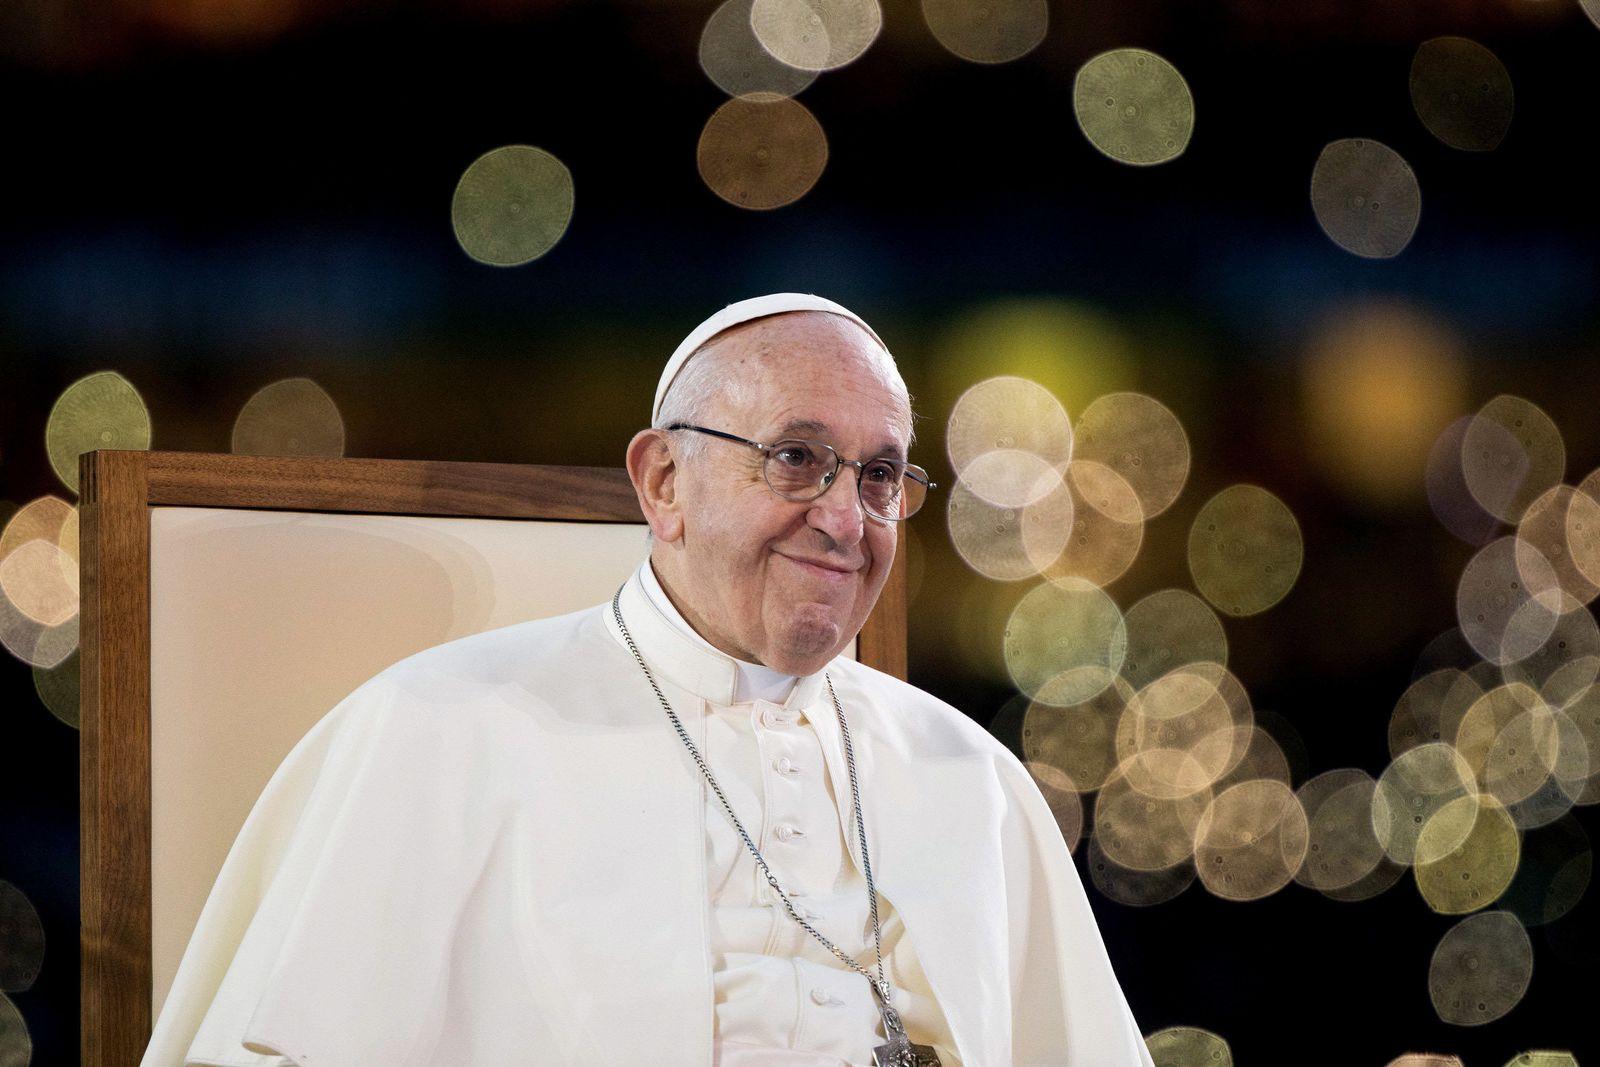 Papst besucht Irland